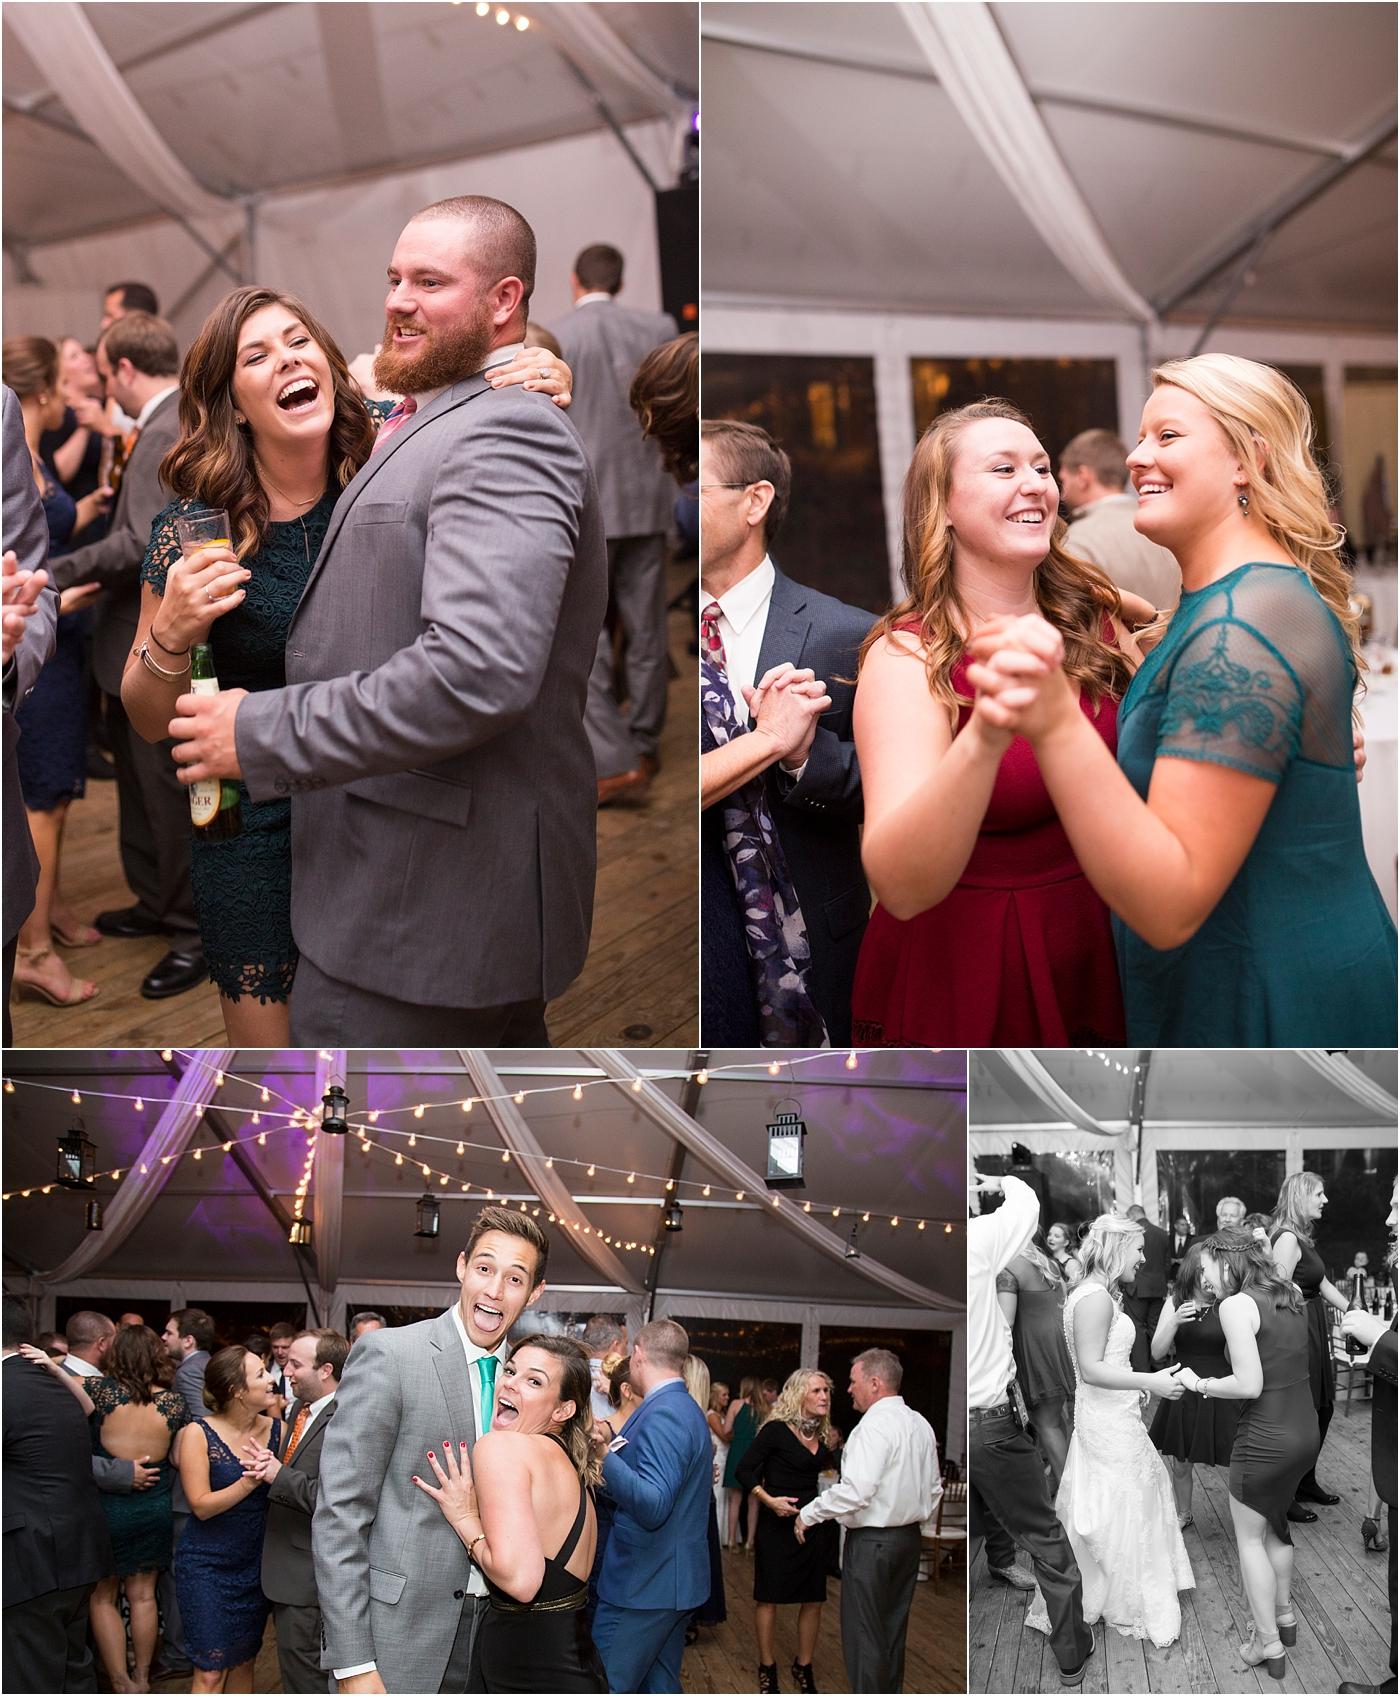 Walkers-Overlook-Wedding-118.jpg